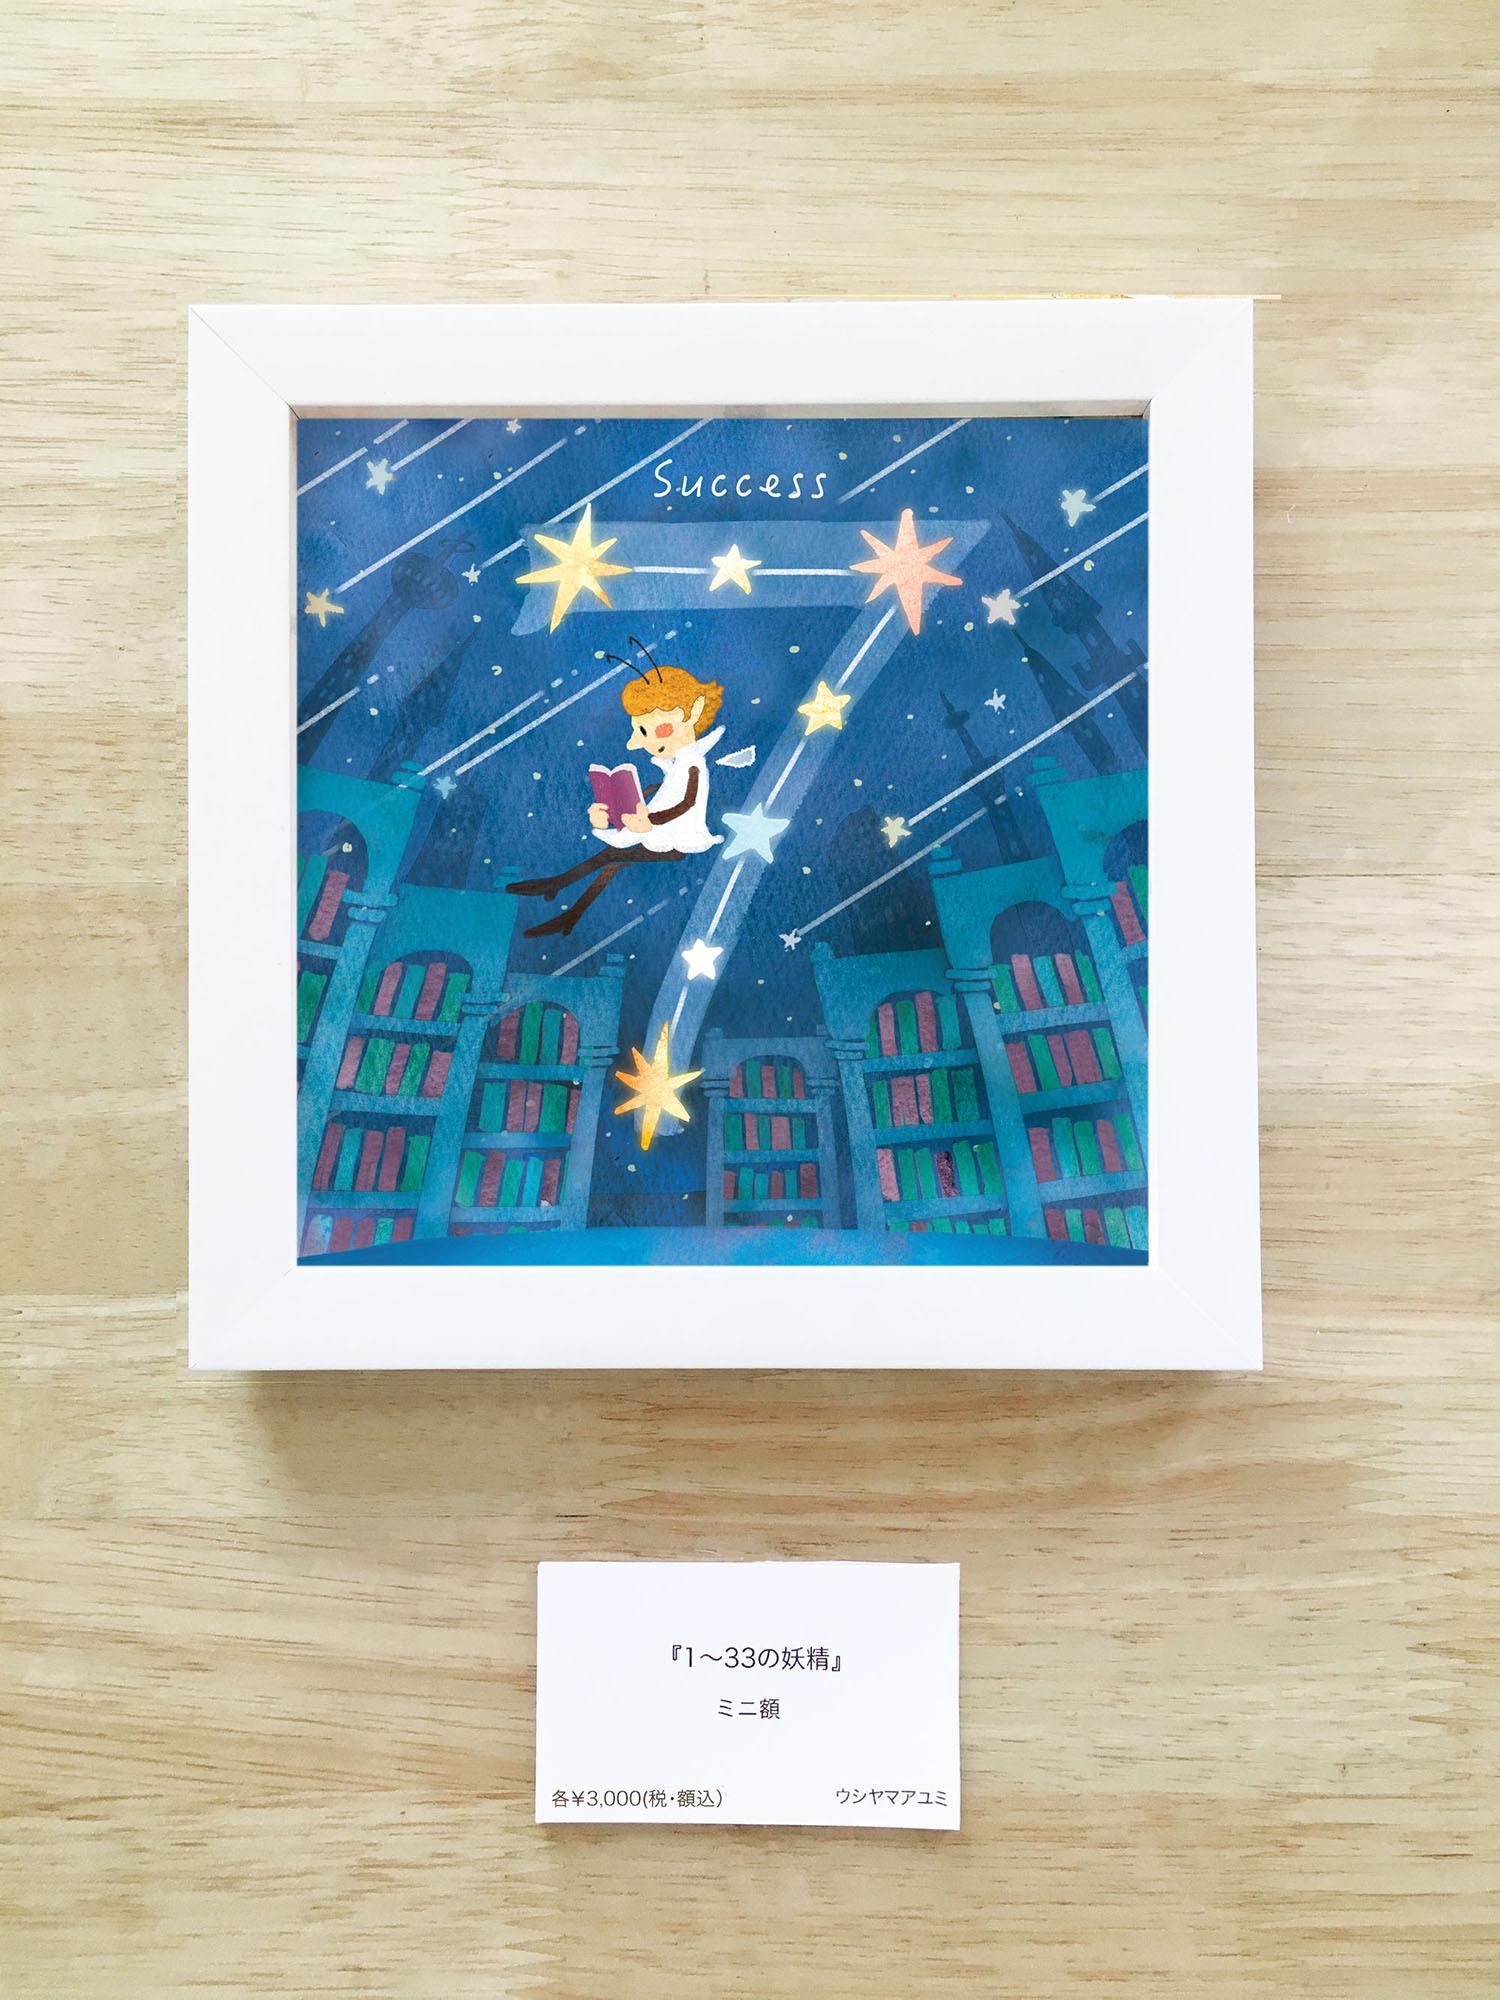 『7の妖精(ミニ額)』<br>(水彩デジタルプリント)<br> W183×H183×D15mm(額寸)<br> ¥4,000(税・額込み)